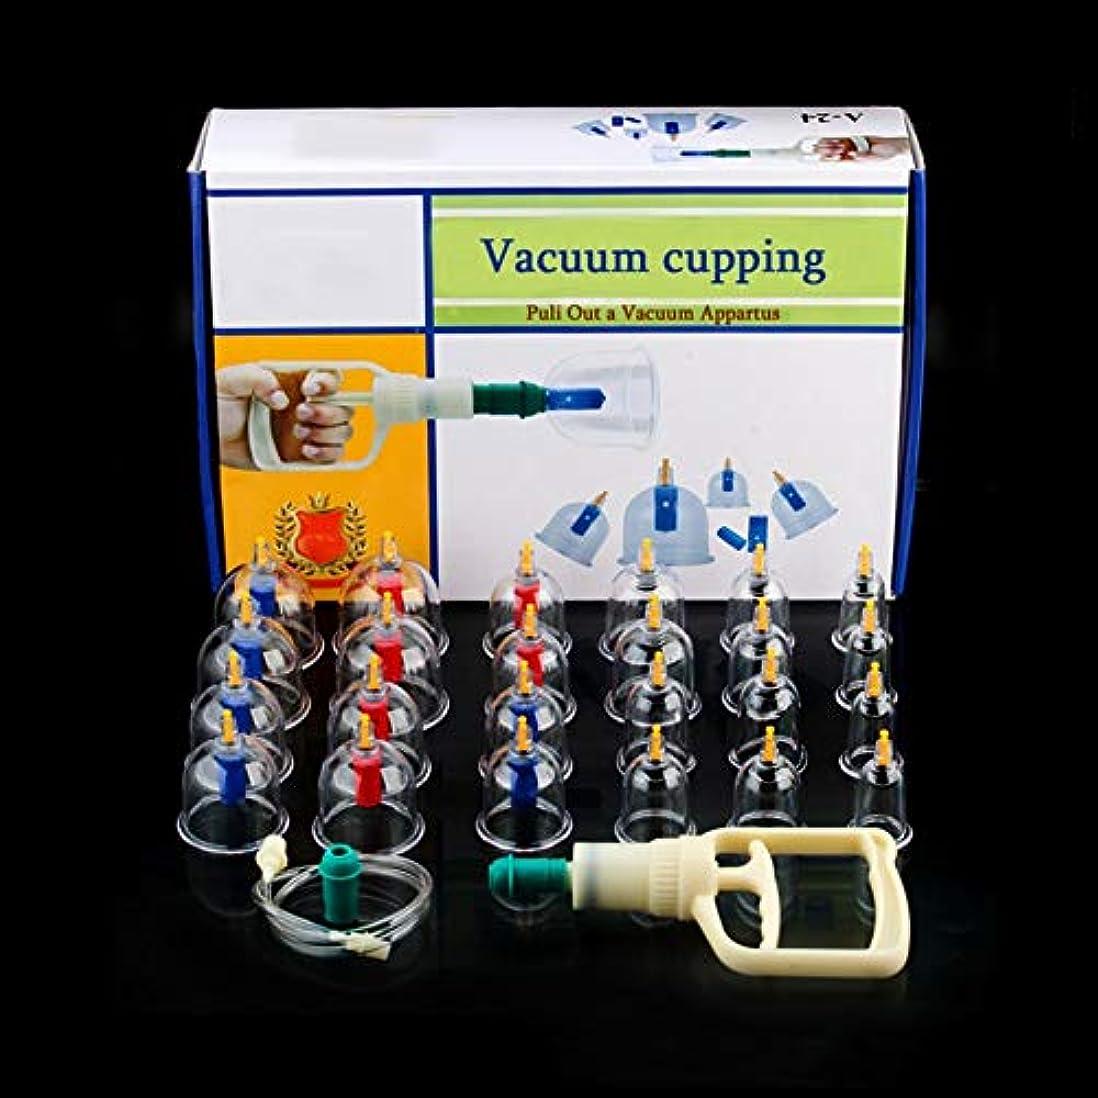 アイロニーぼんやりした爆発物カッピング セット プハン治療 カッピングポンプ 吸引器カッピング用カップ、シリコン、筋肉、関節痛、セルライト用真空吸引(24pcs)